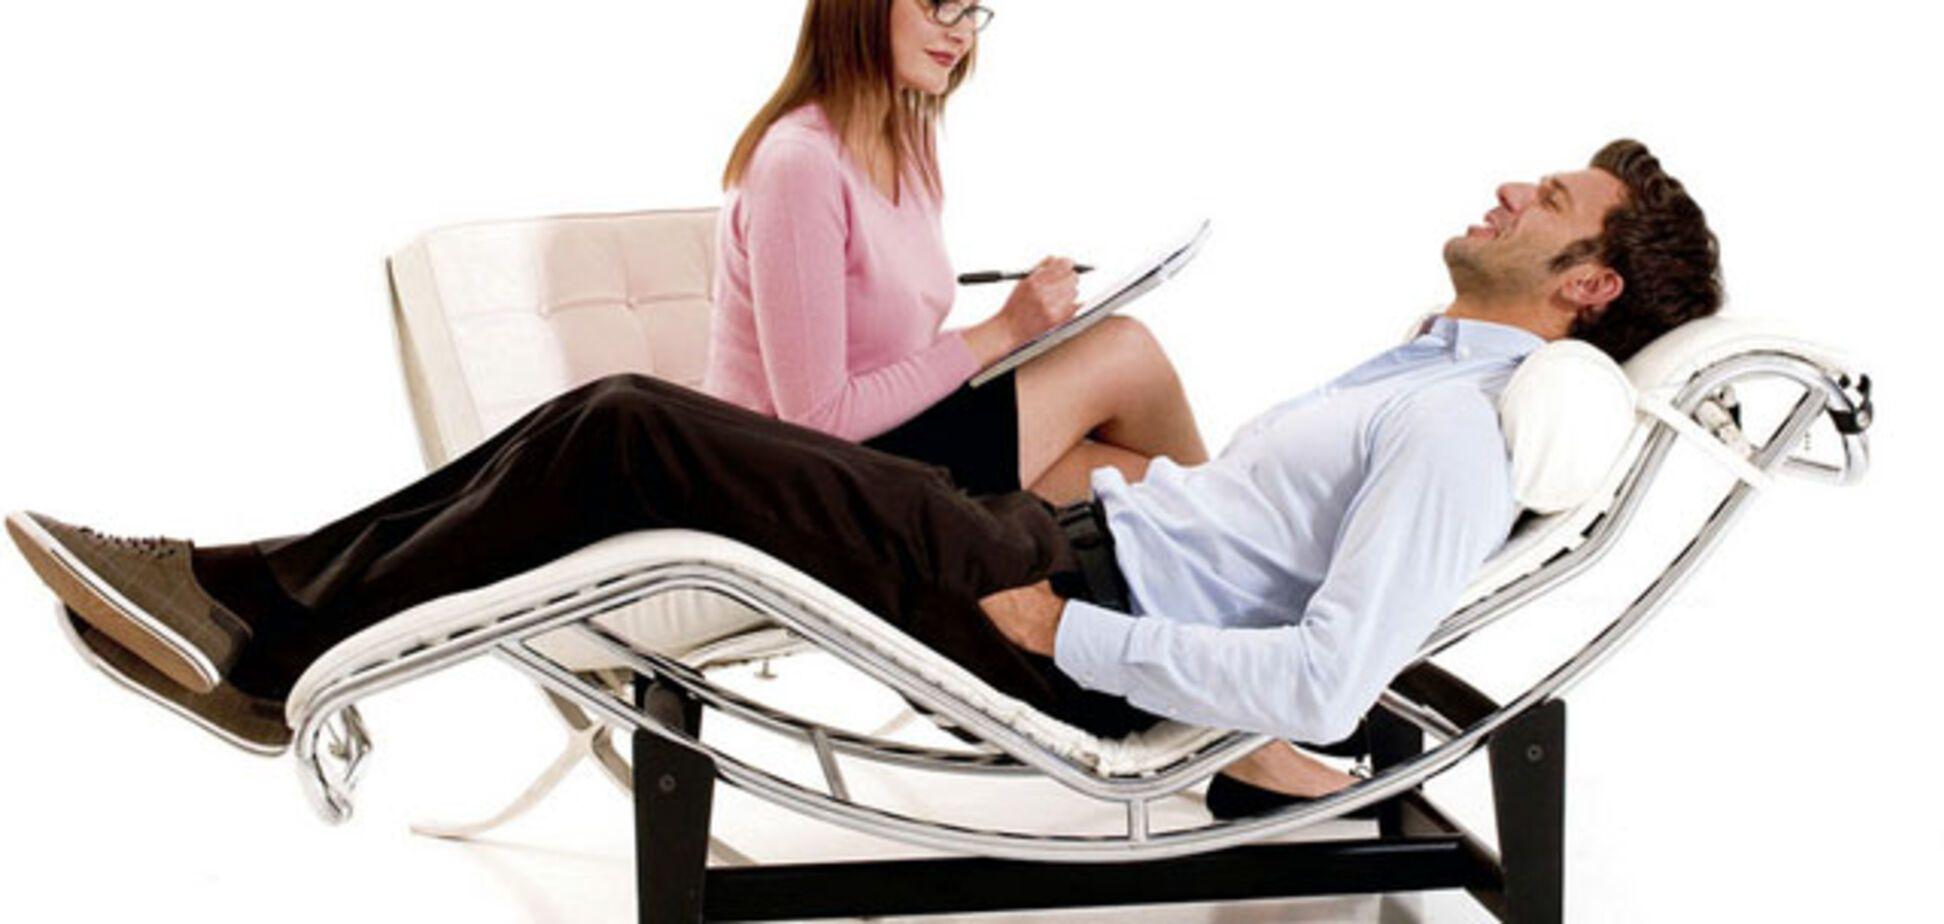 10 мифов о психологах: мы ни разу не экстрасенсы, гадалки или массажисты